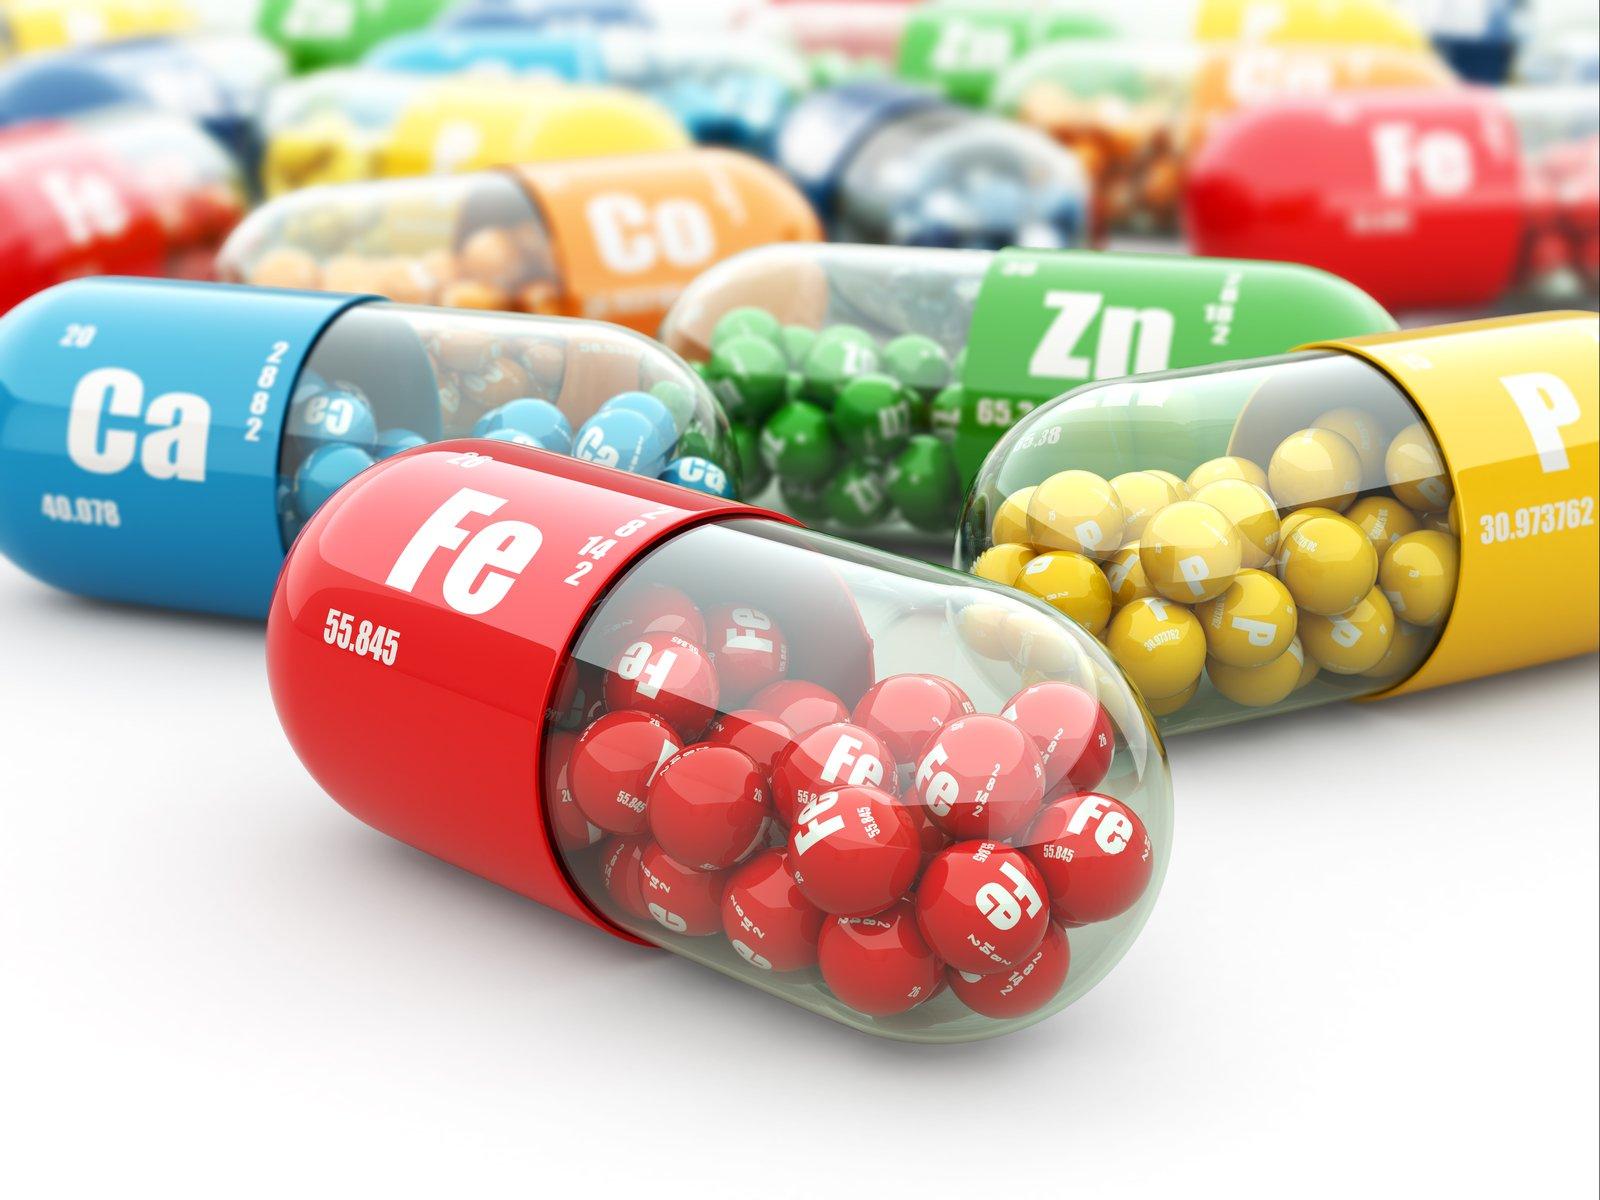 Гиповитаминозы, гипервитаминозы и витаминная зависимость. Часть 2